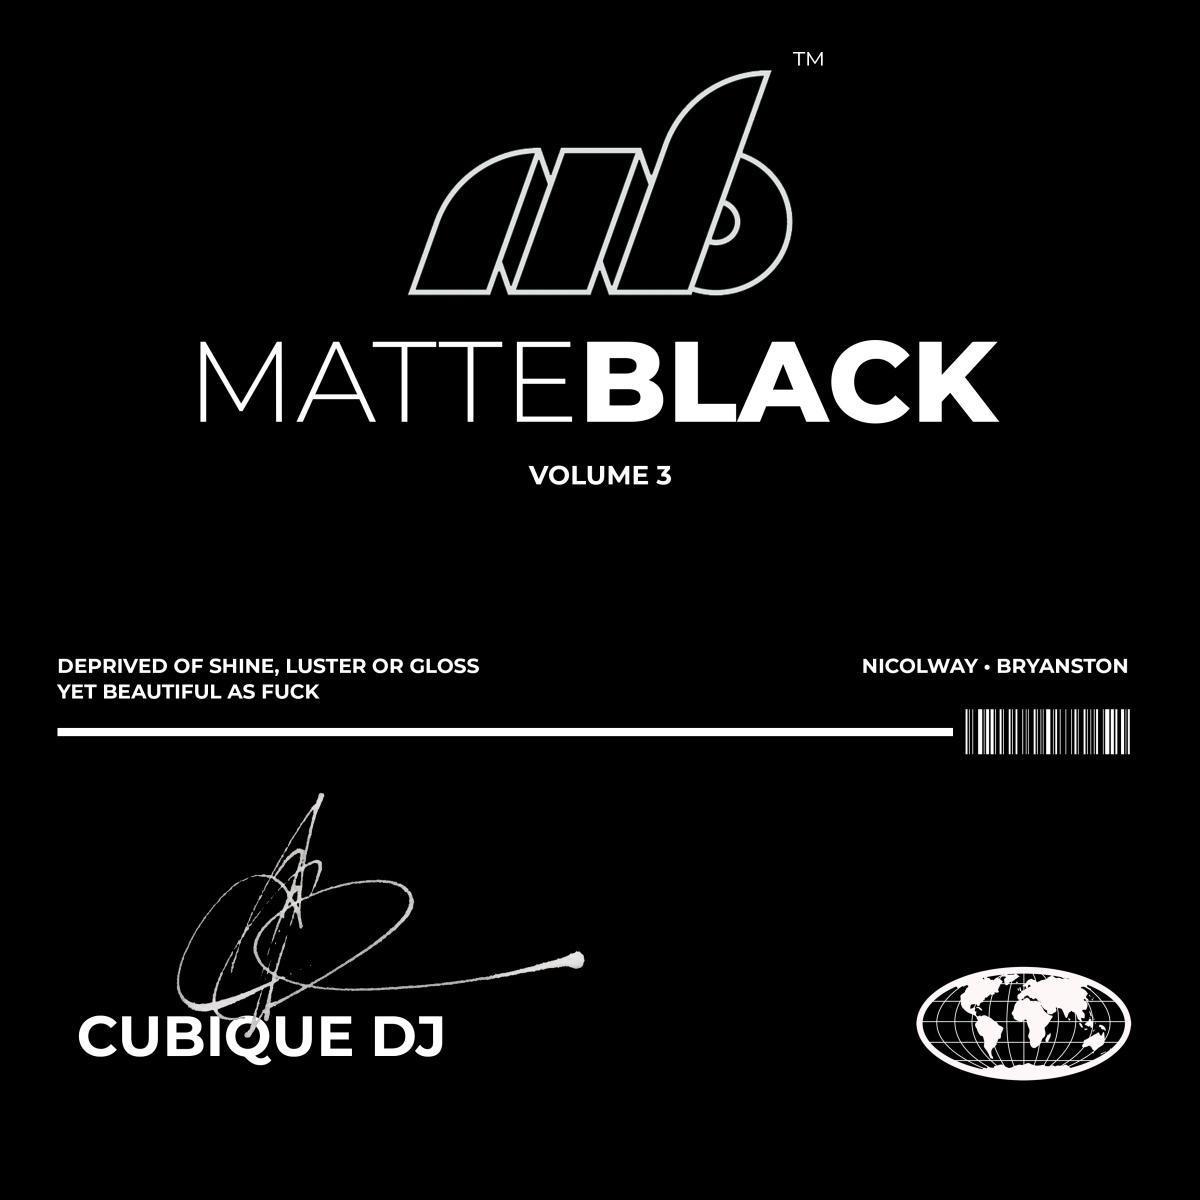 Matte Black Vol. 3